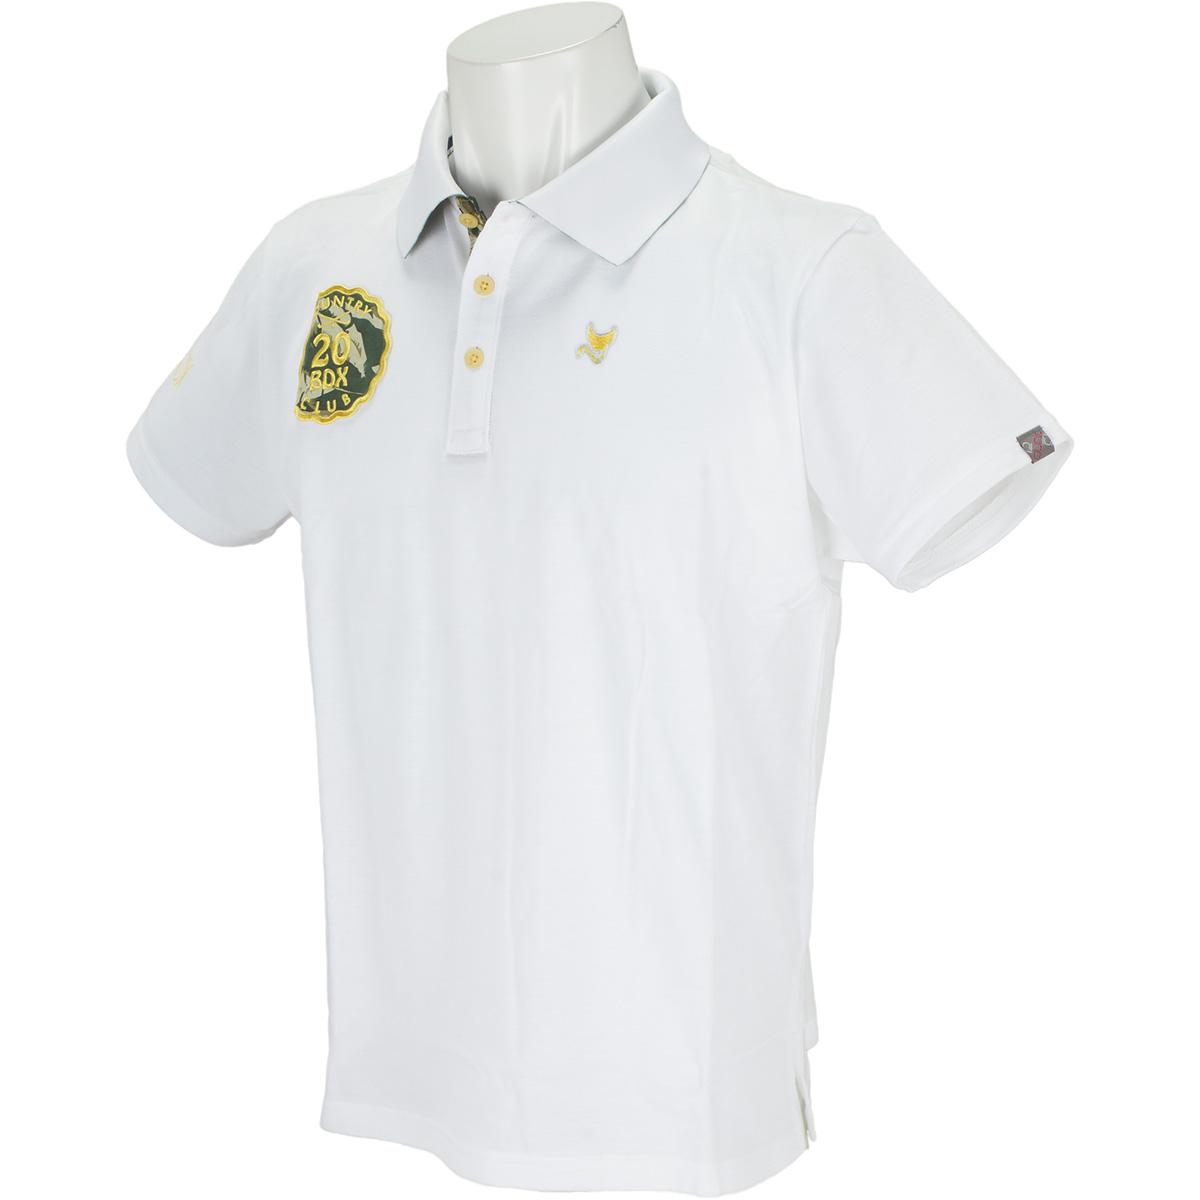 サファリワッペン 半袖ポロシャツ